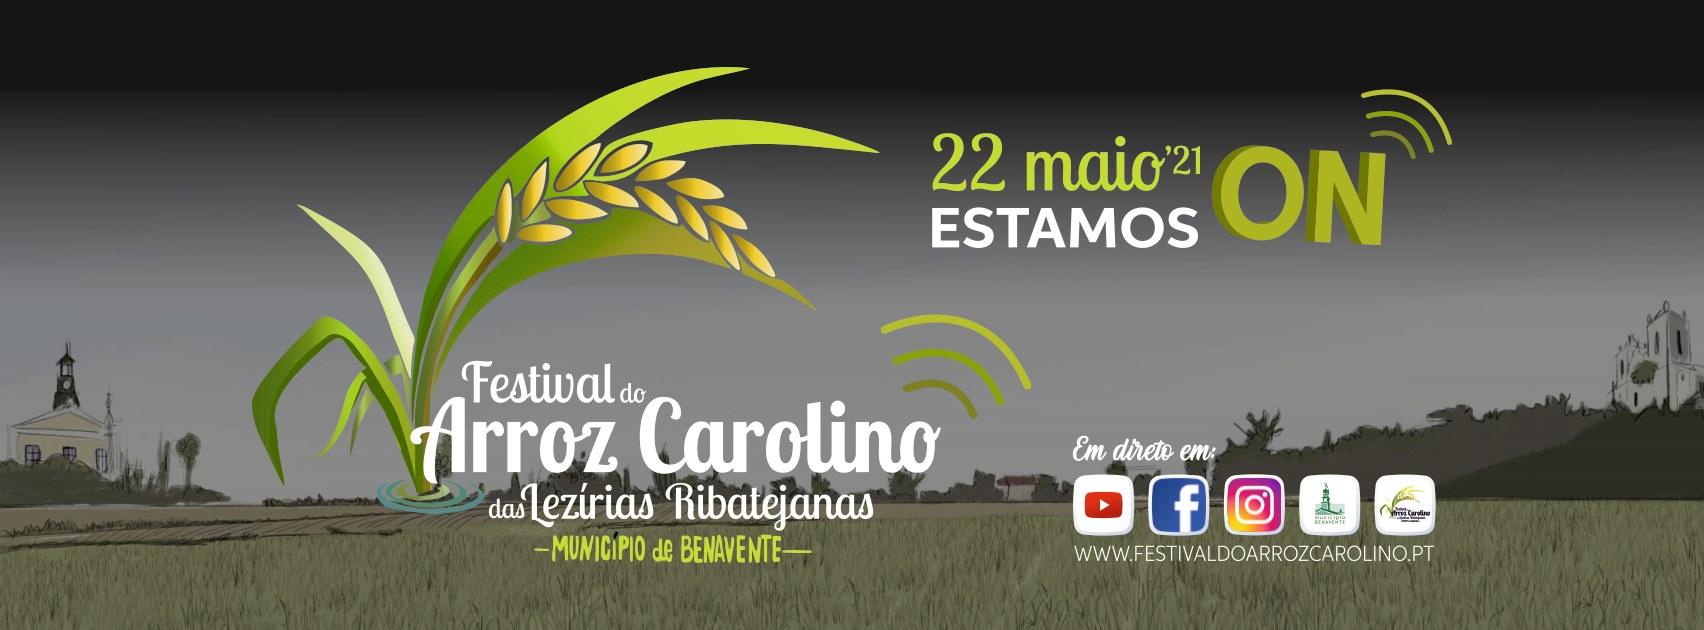 Festival do Arroz Carolino das Lezírias Ribatejanas - Edição Online 2021